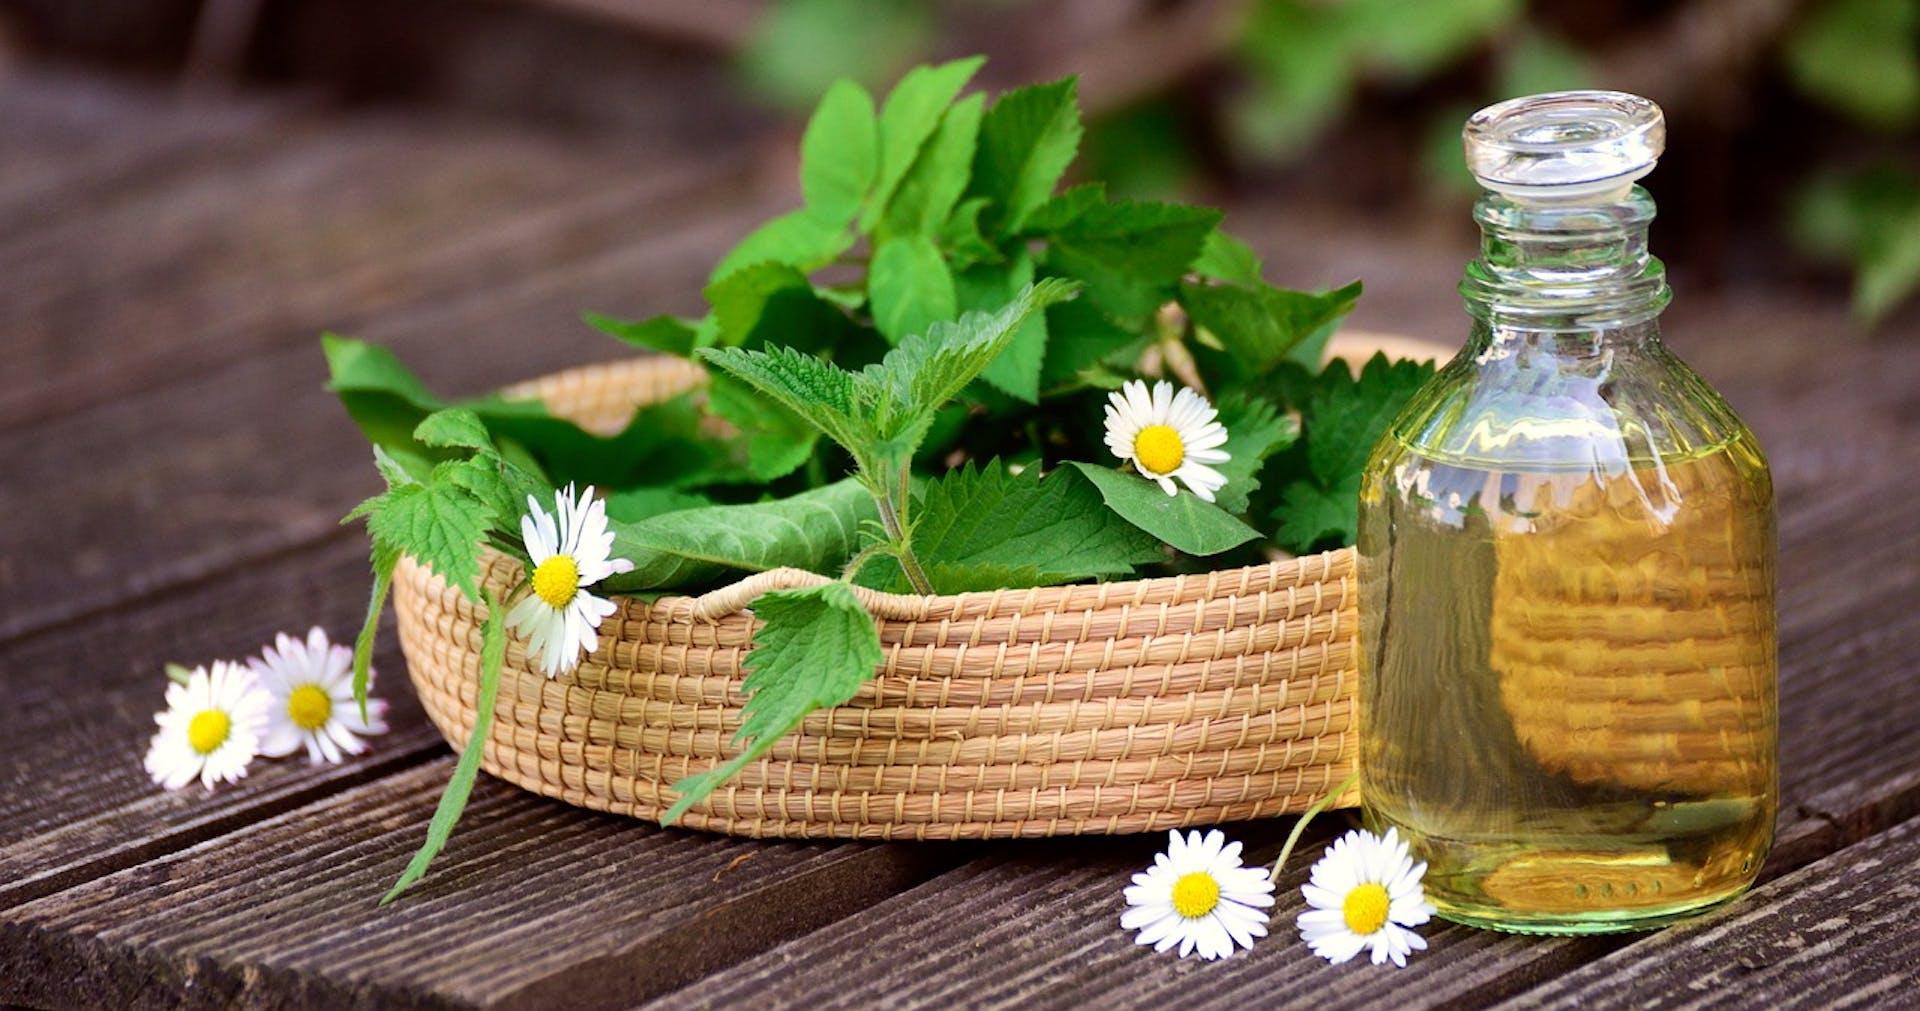 ¿Cuáles son las plantas medicinales y para qué sirven? Descubre sus poderes curativos